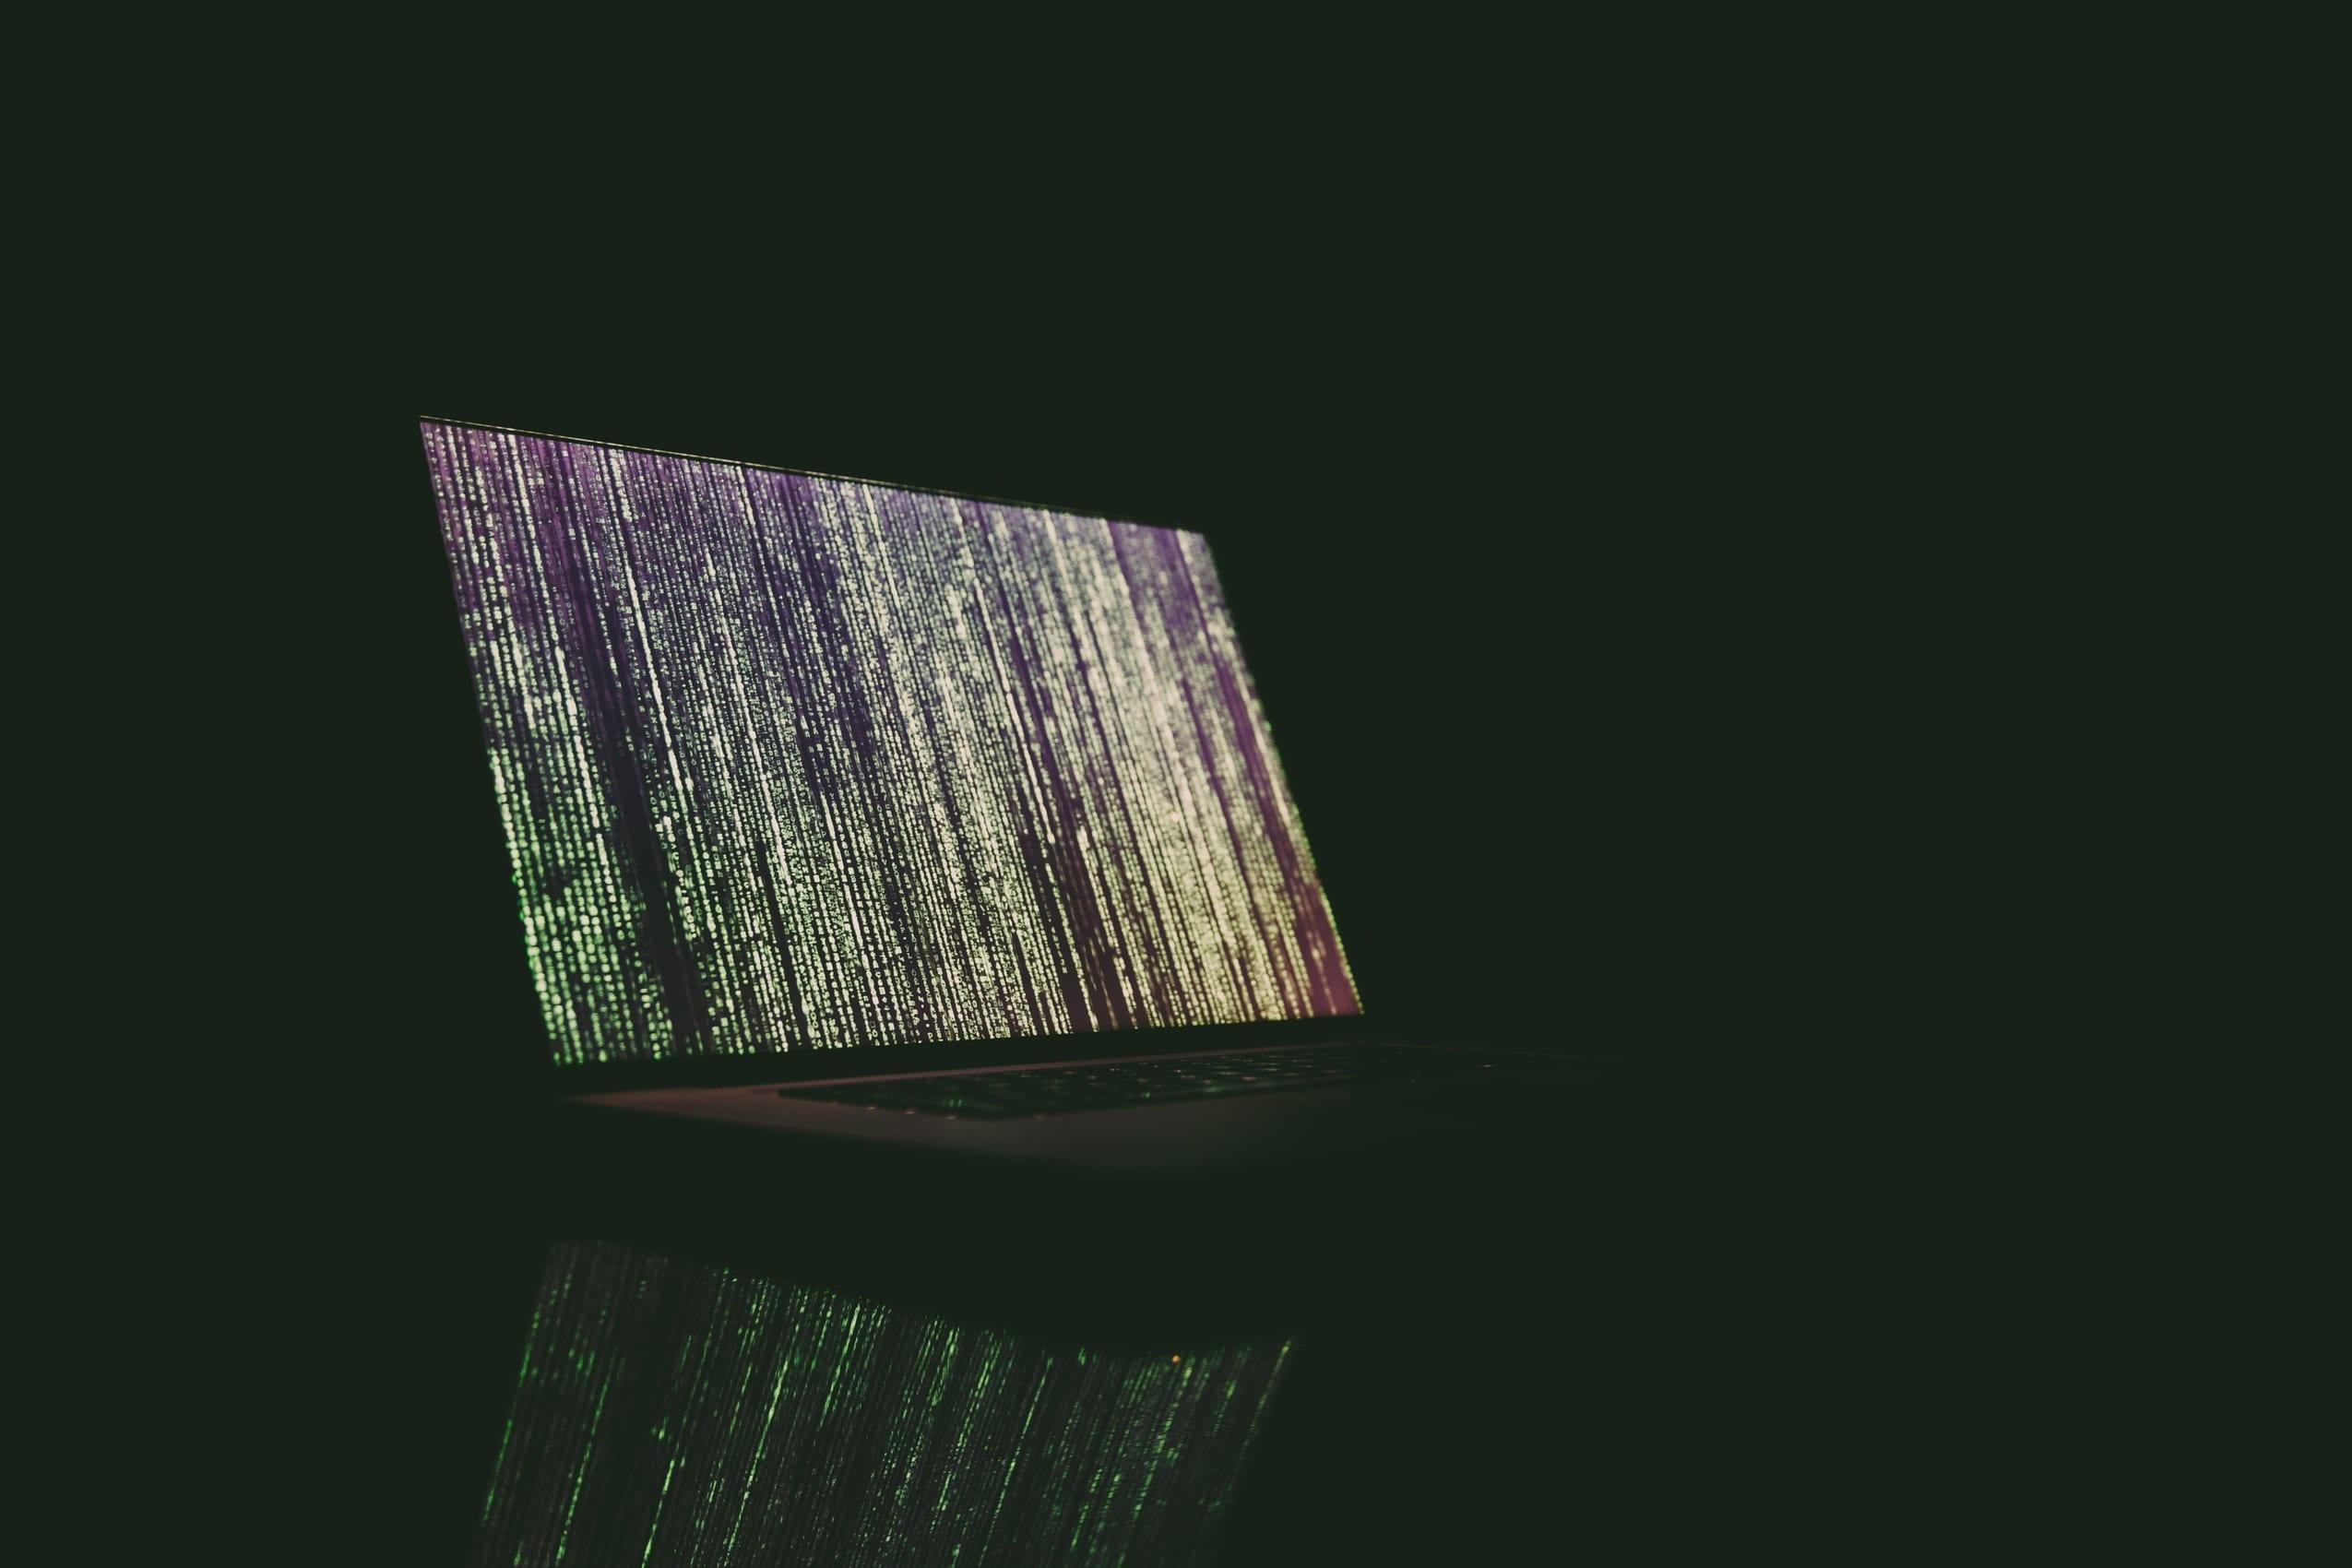 Estrategias para proteger los datos en línea